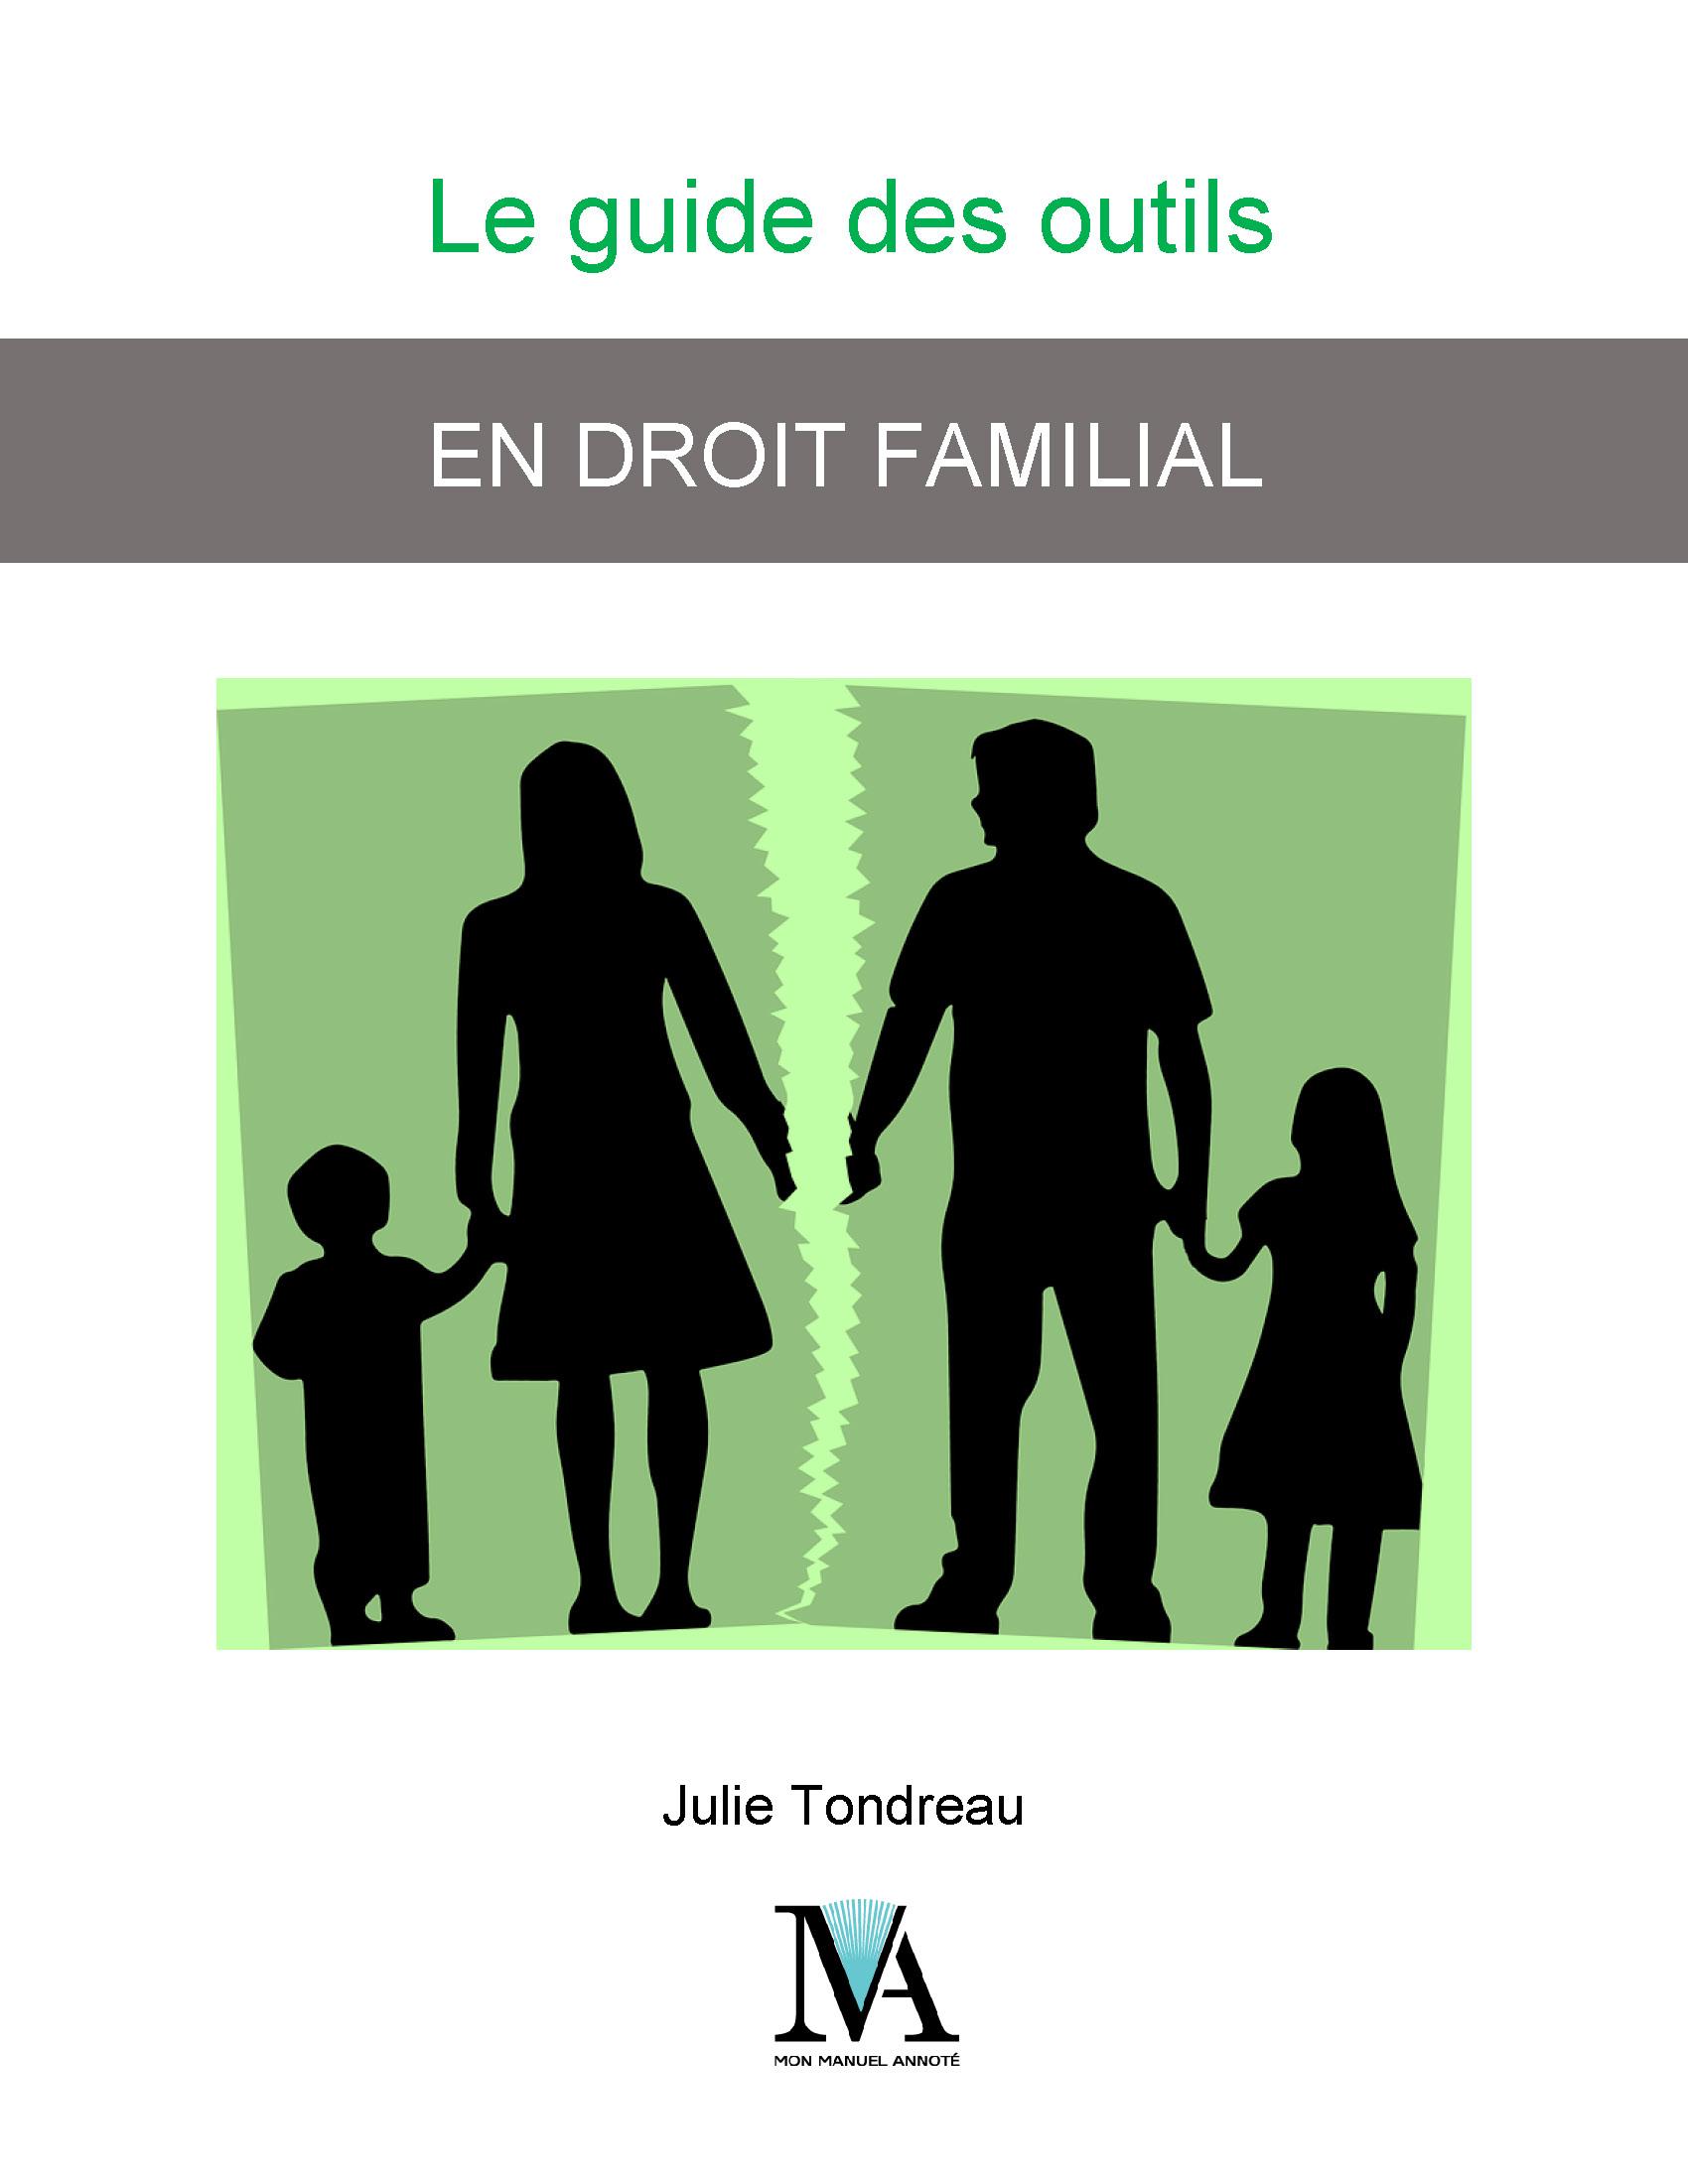 Le guide des outils en droit familial